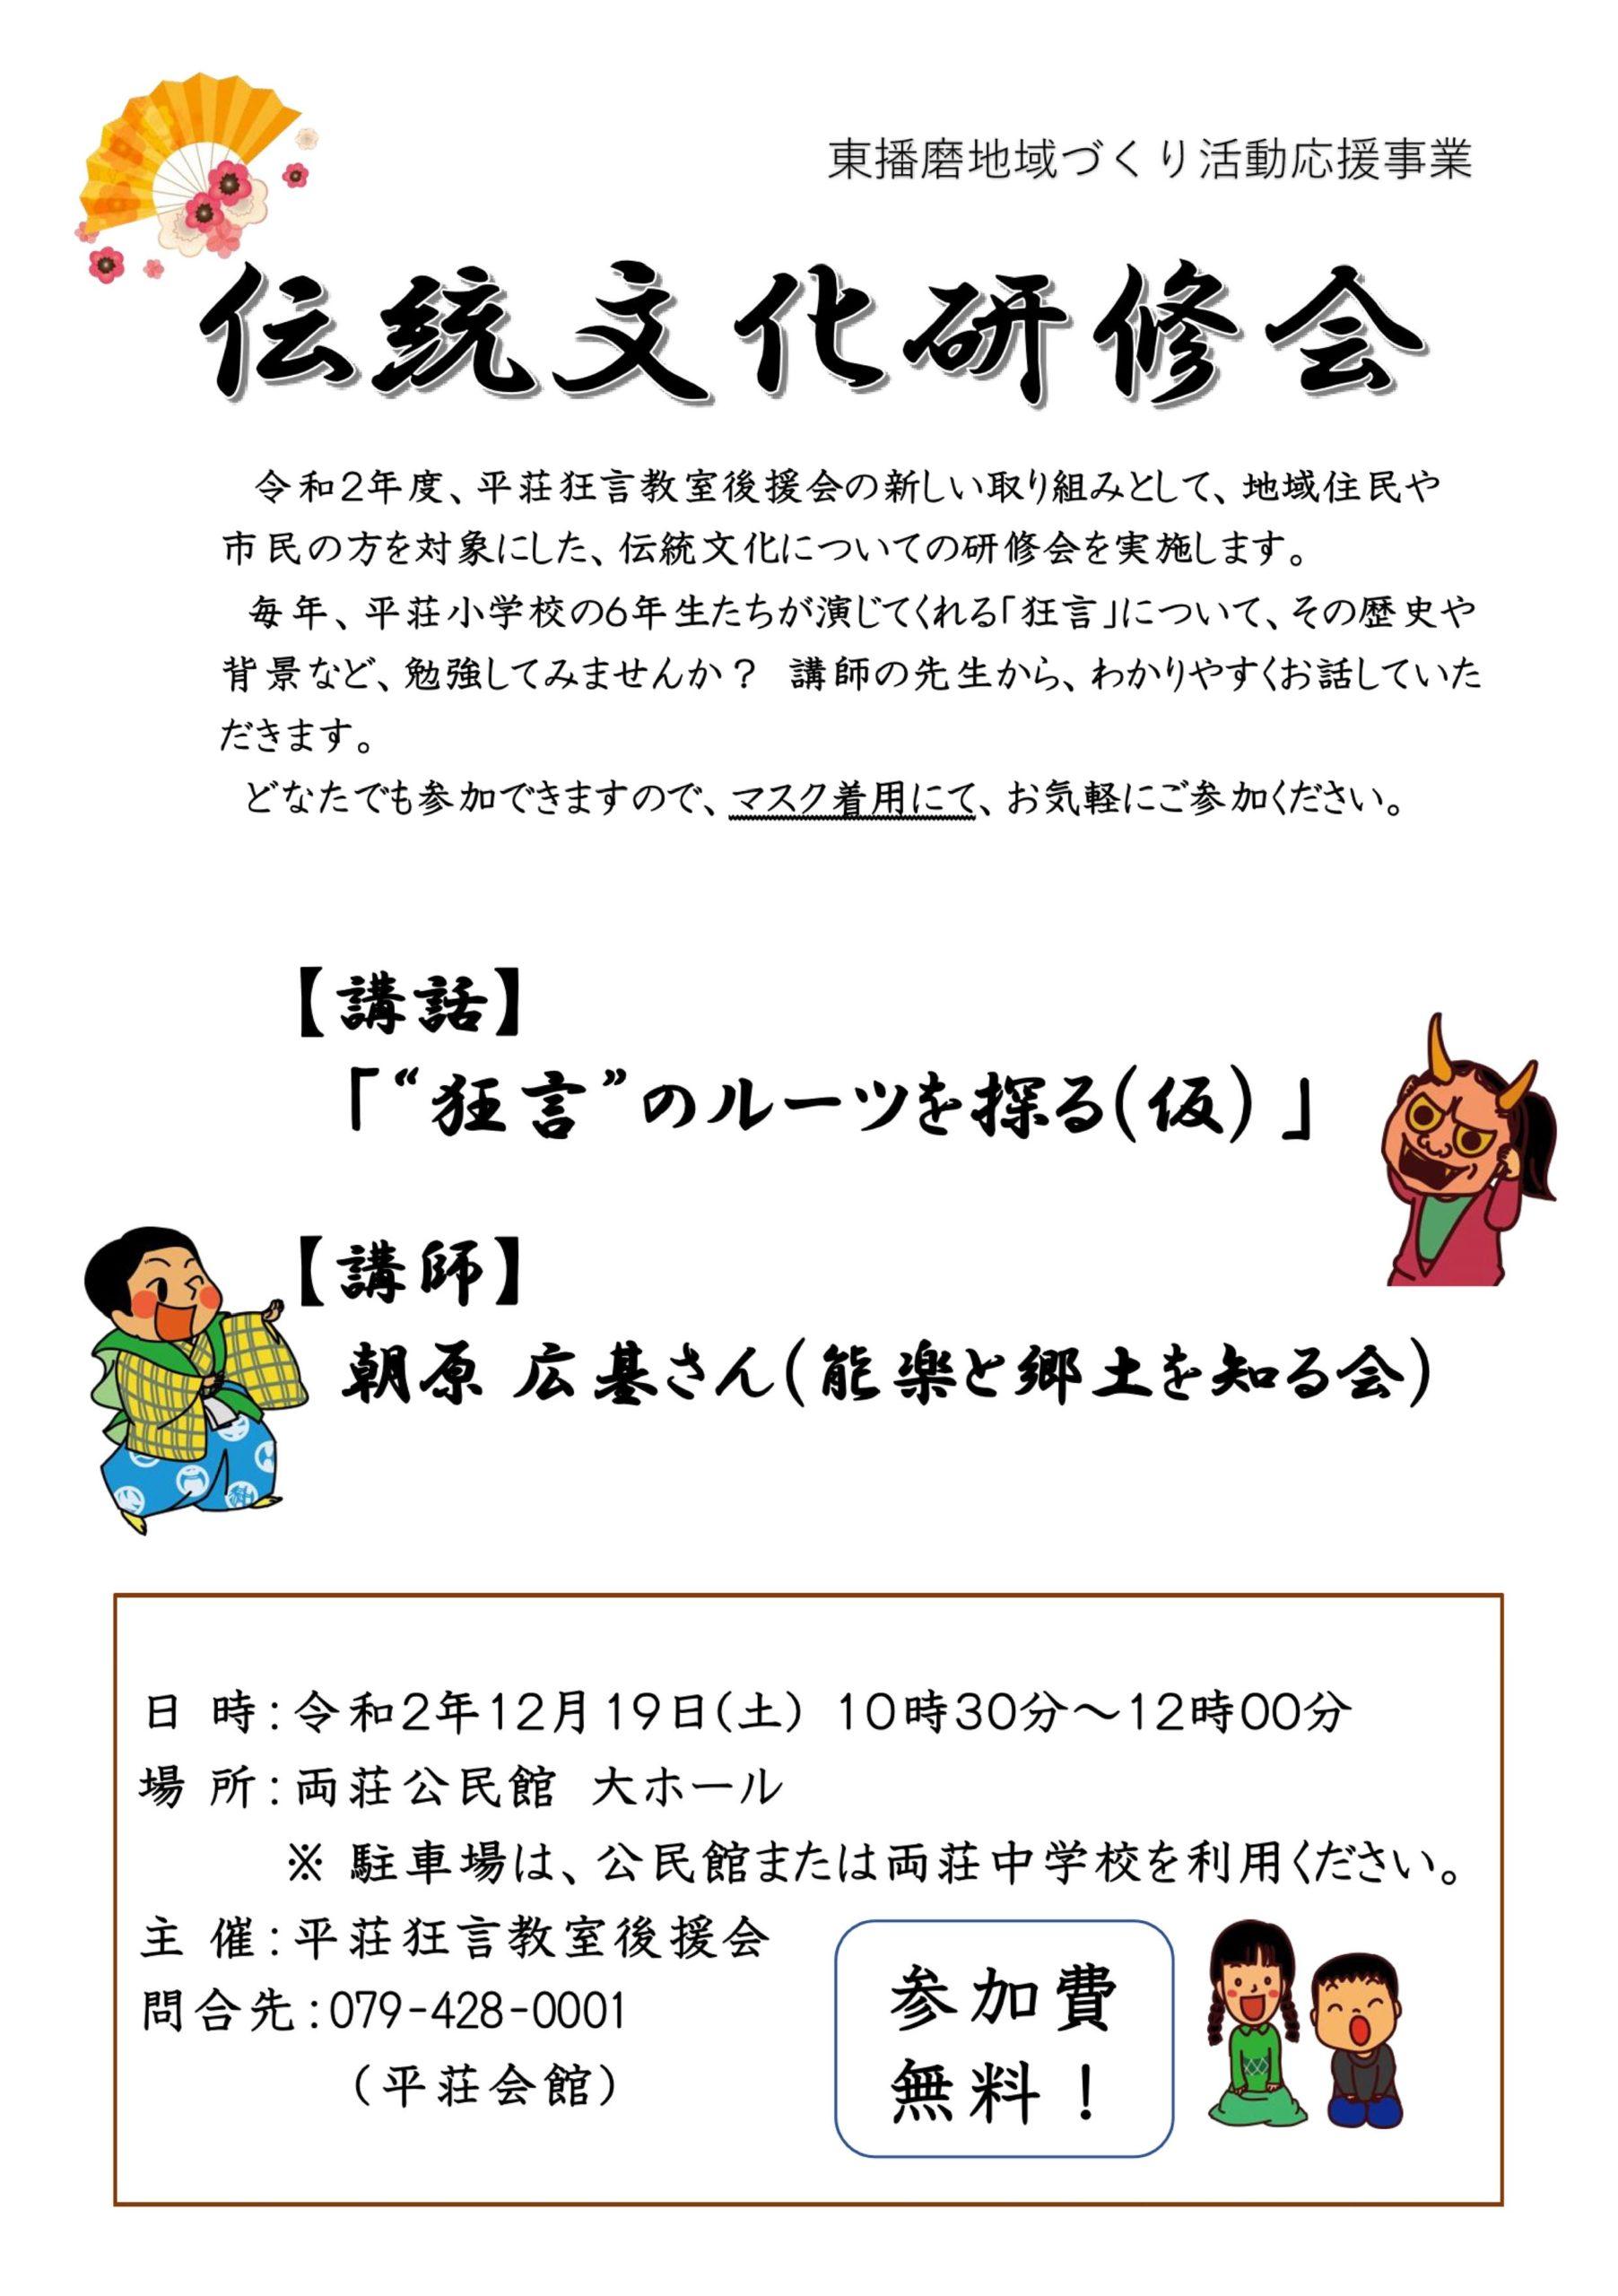 平荘狂言教室後援会 伝統文化研修会